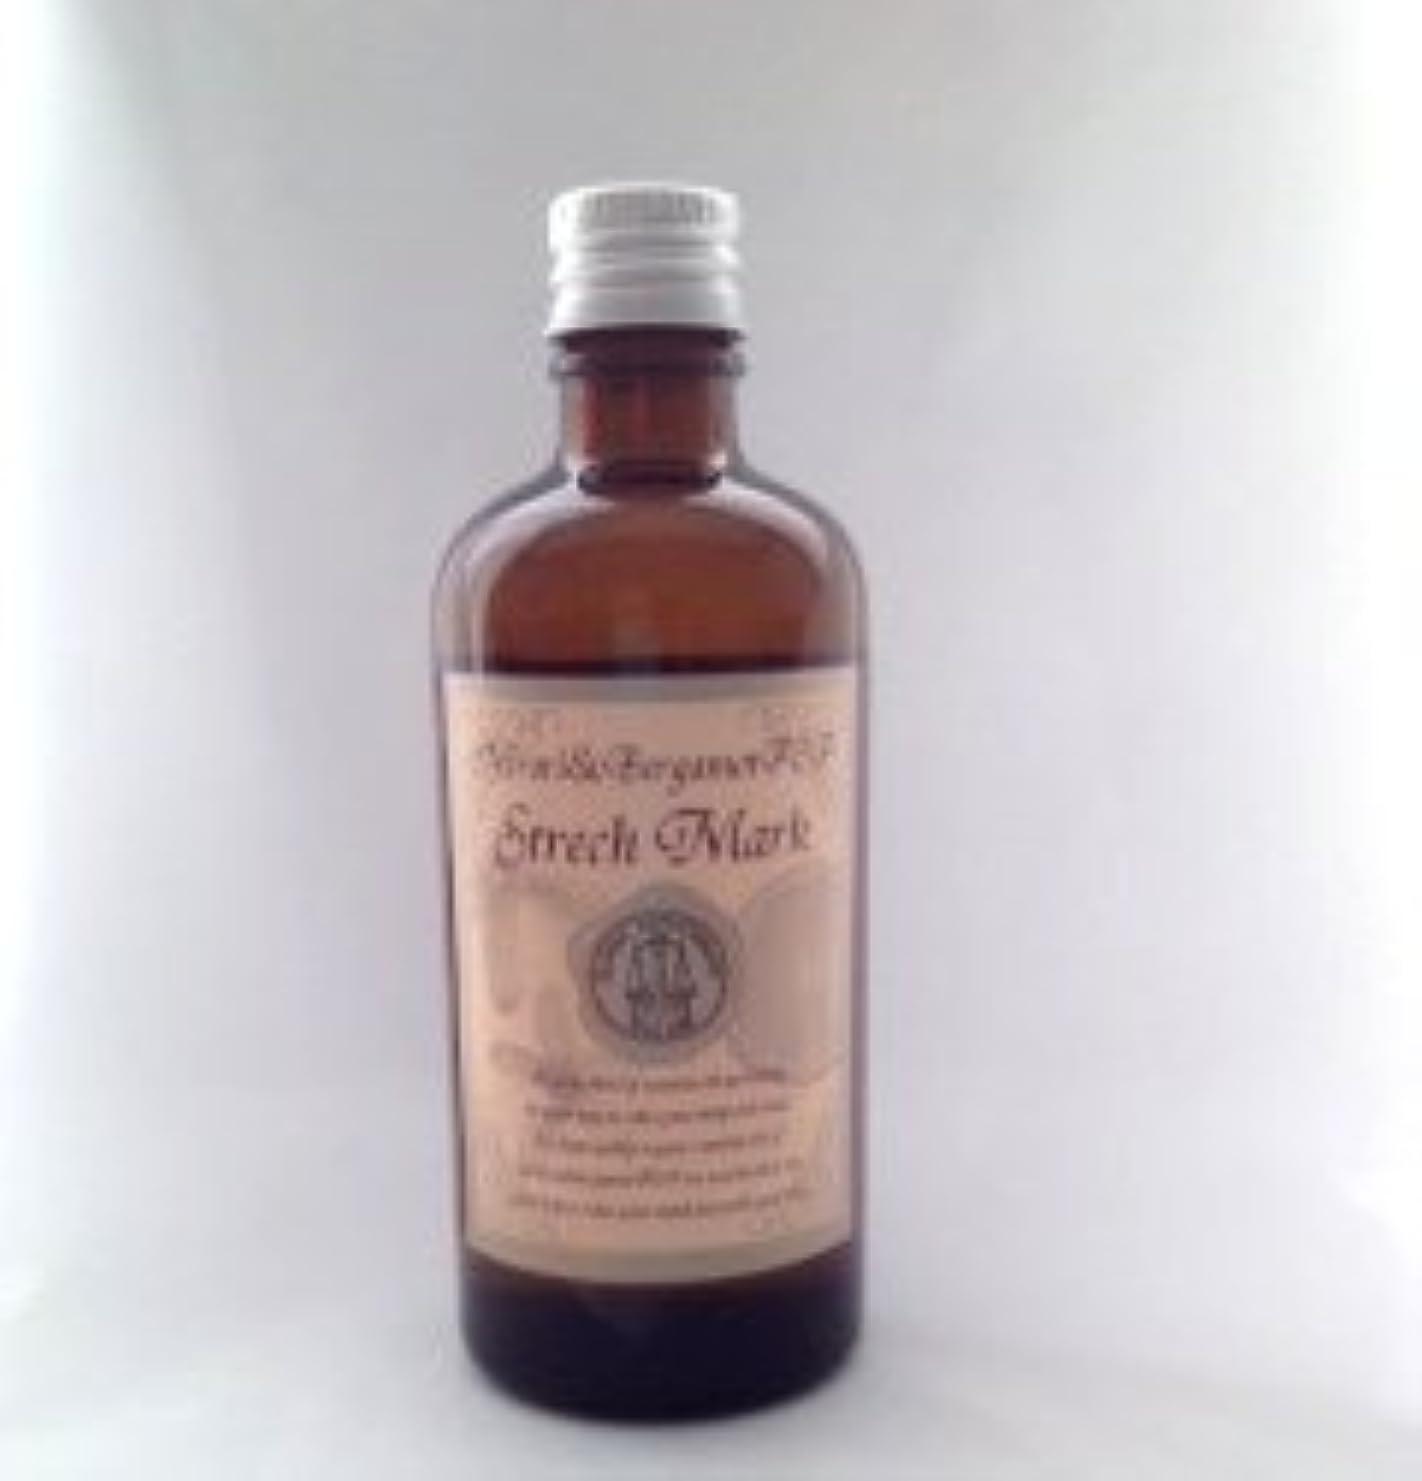 経済的のど九月ヒーリングボディアロマオイル ストレッチマーク 105ml ネロリ&ベルガモットFCFの香り